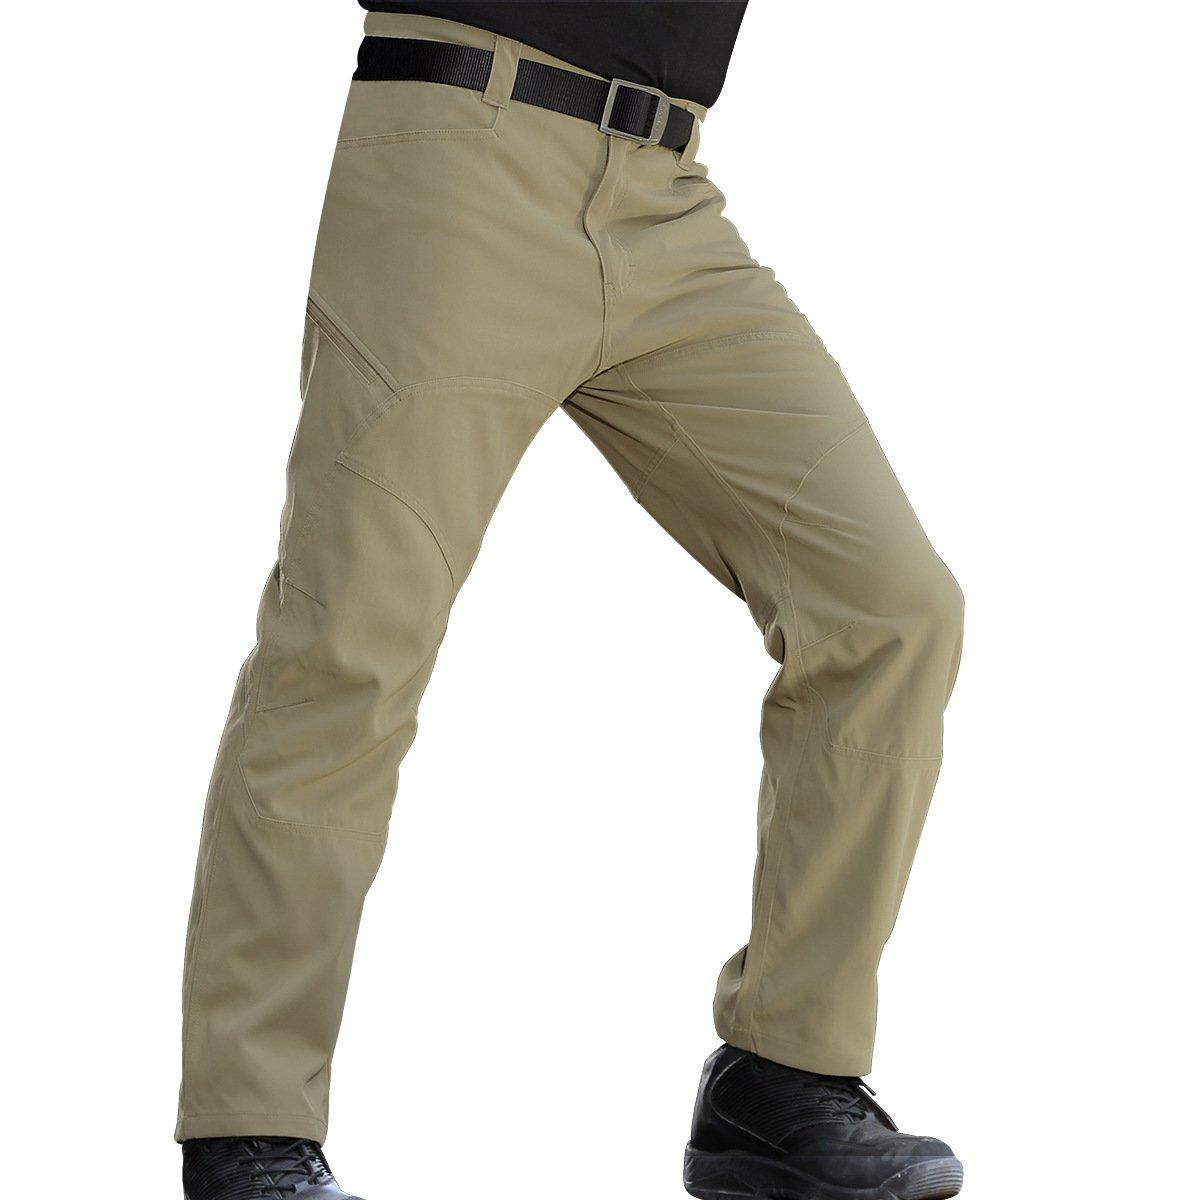 ... FREE Outdoor SOLDIER Arbeit Cargo Hose  ndash  Herren Tactical Outdoor  FREE Leicht Wasserabweisend Elastische Taille ... 11db4a1b48